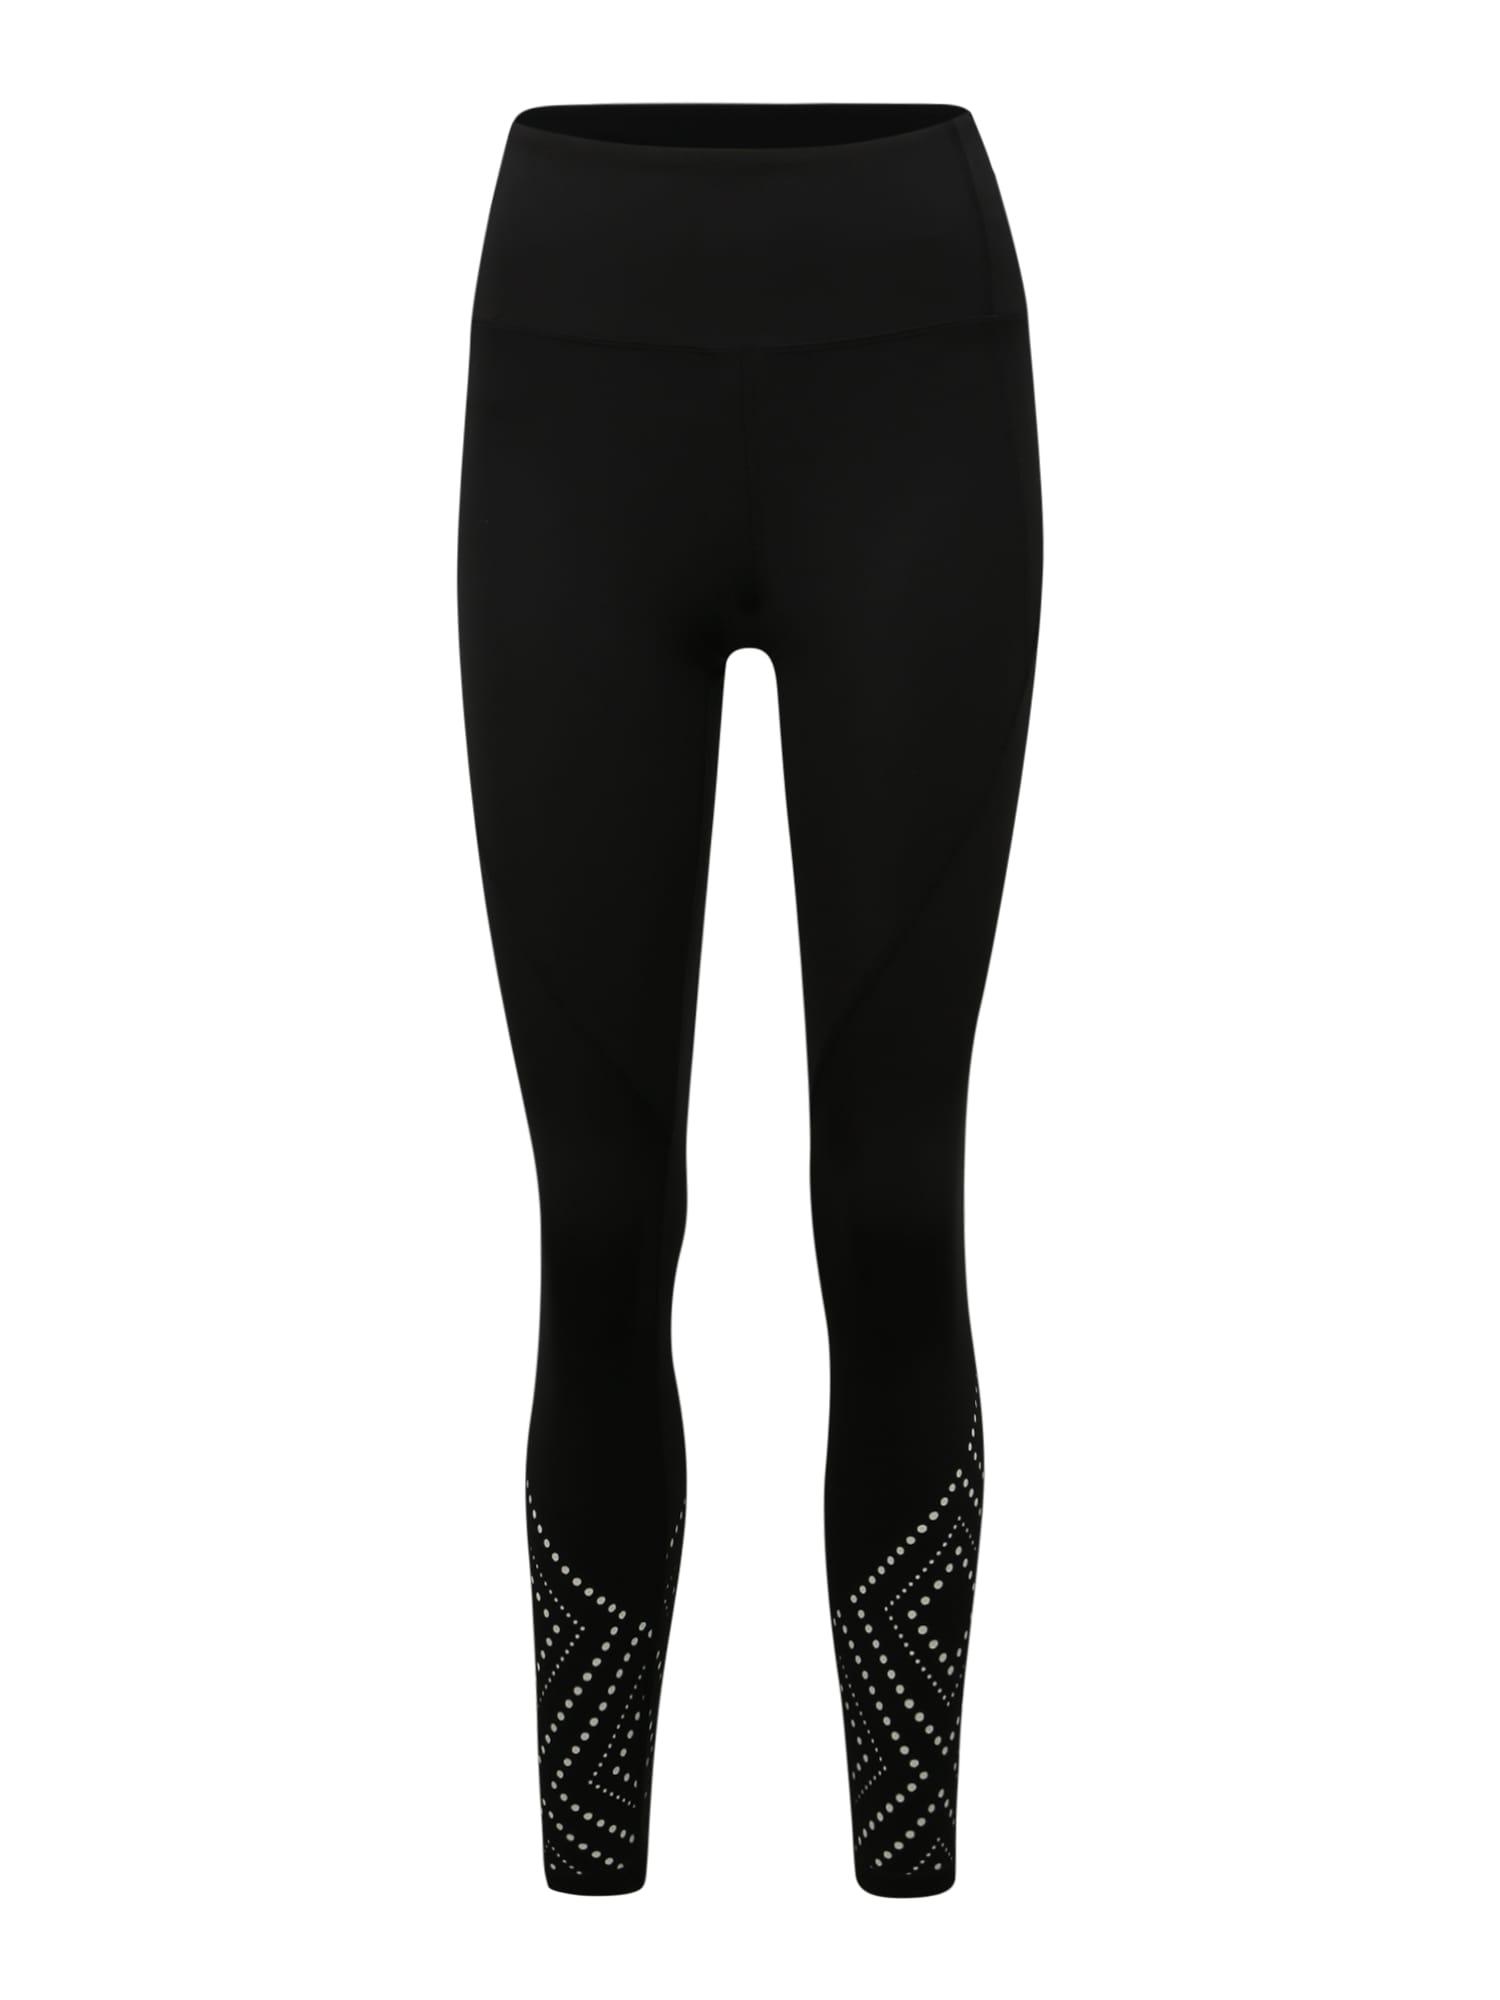 Marika Sportinės kelnės 'DIAMONDS' juoda